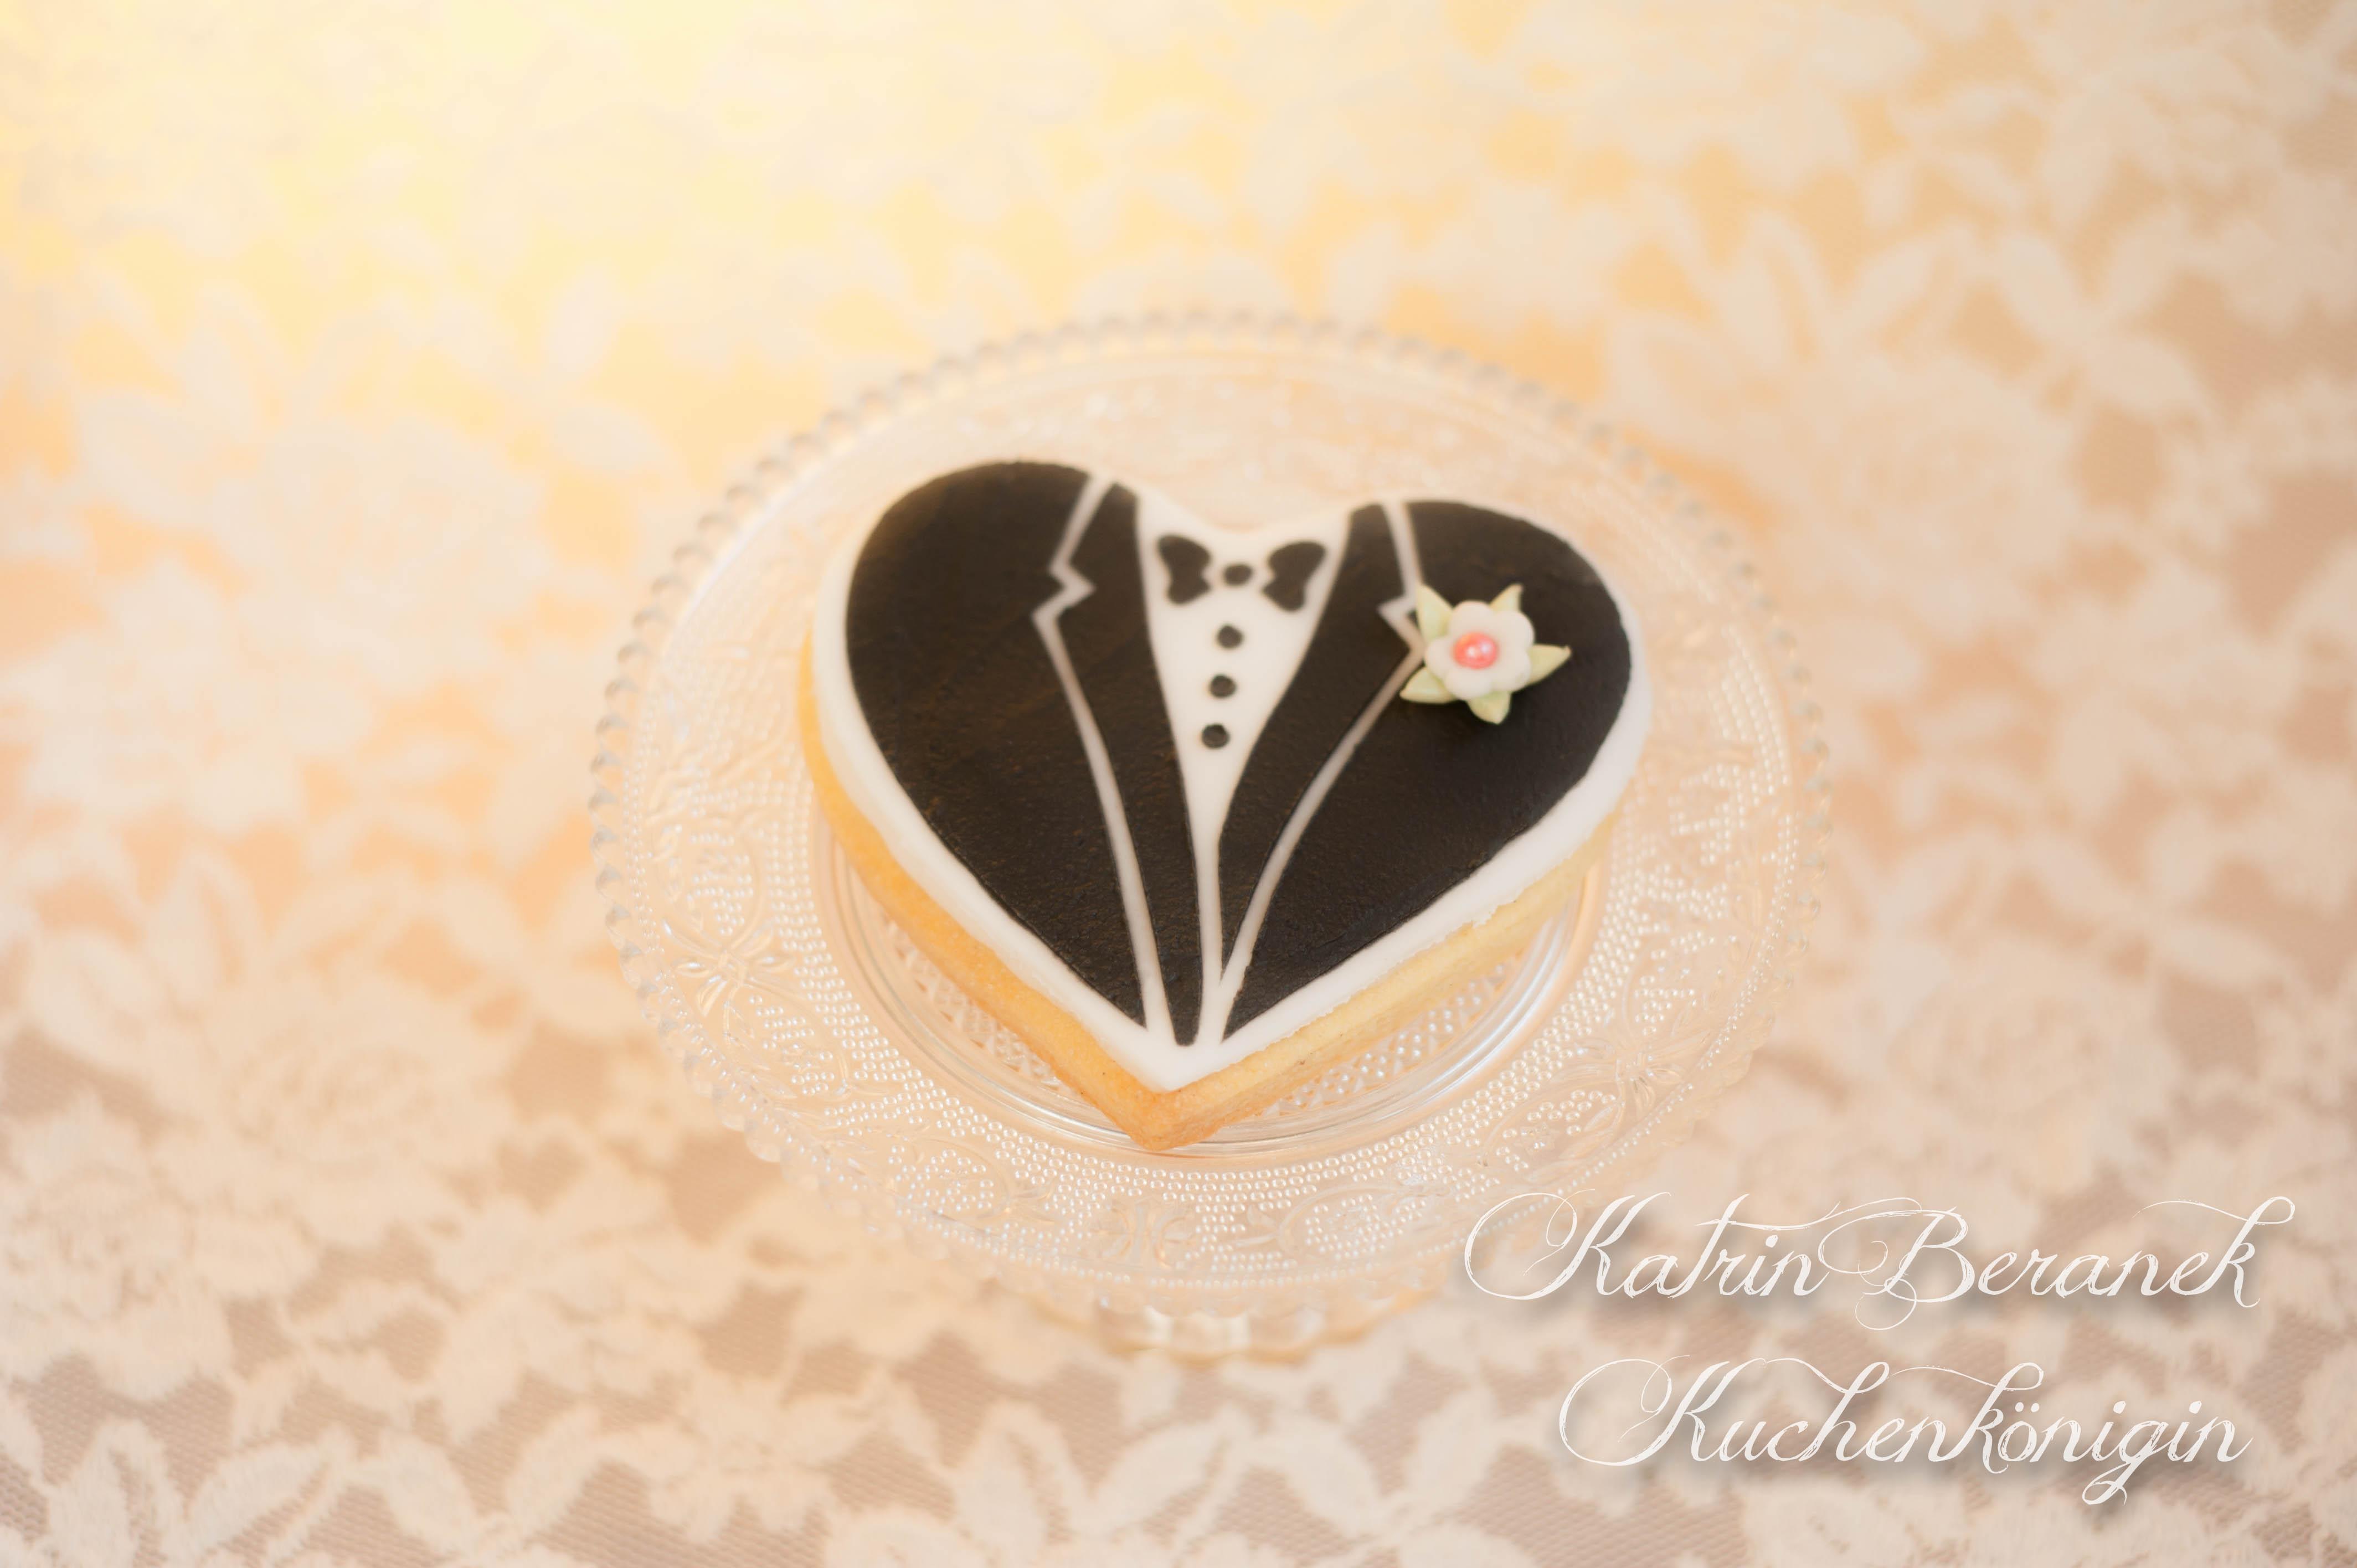 Kuchenkönigin Brautkleid Anzug Smoking Cookie Plätzchen Kekse Stencil Stenciling Schablone dekorieren Hochzeit Wedding